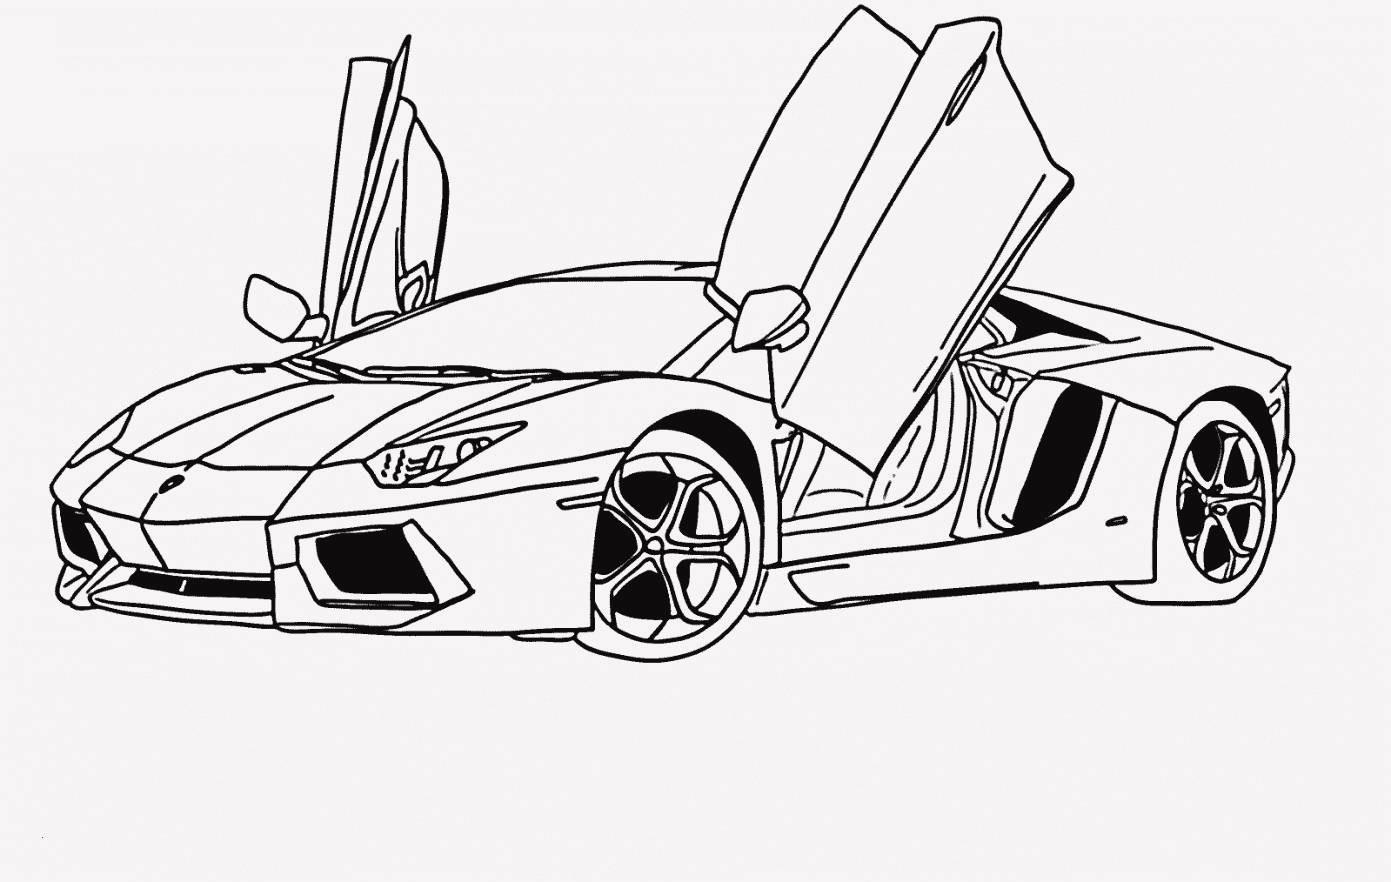 Sportwagen Zum Ausmalen Inspirierend 25 Liebenswert Ausmalbilder Zum Ausdrucken Lamborghini Galerie